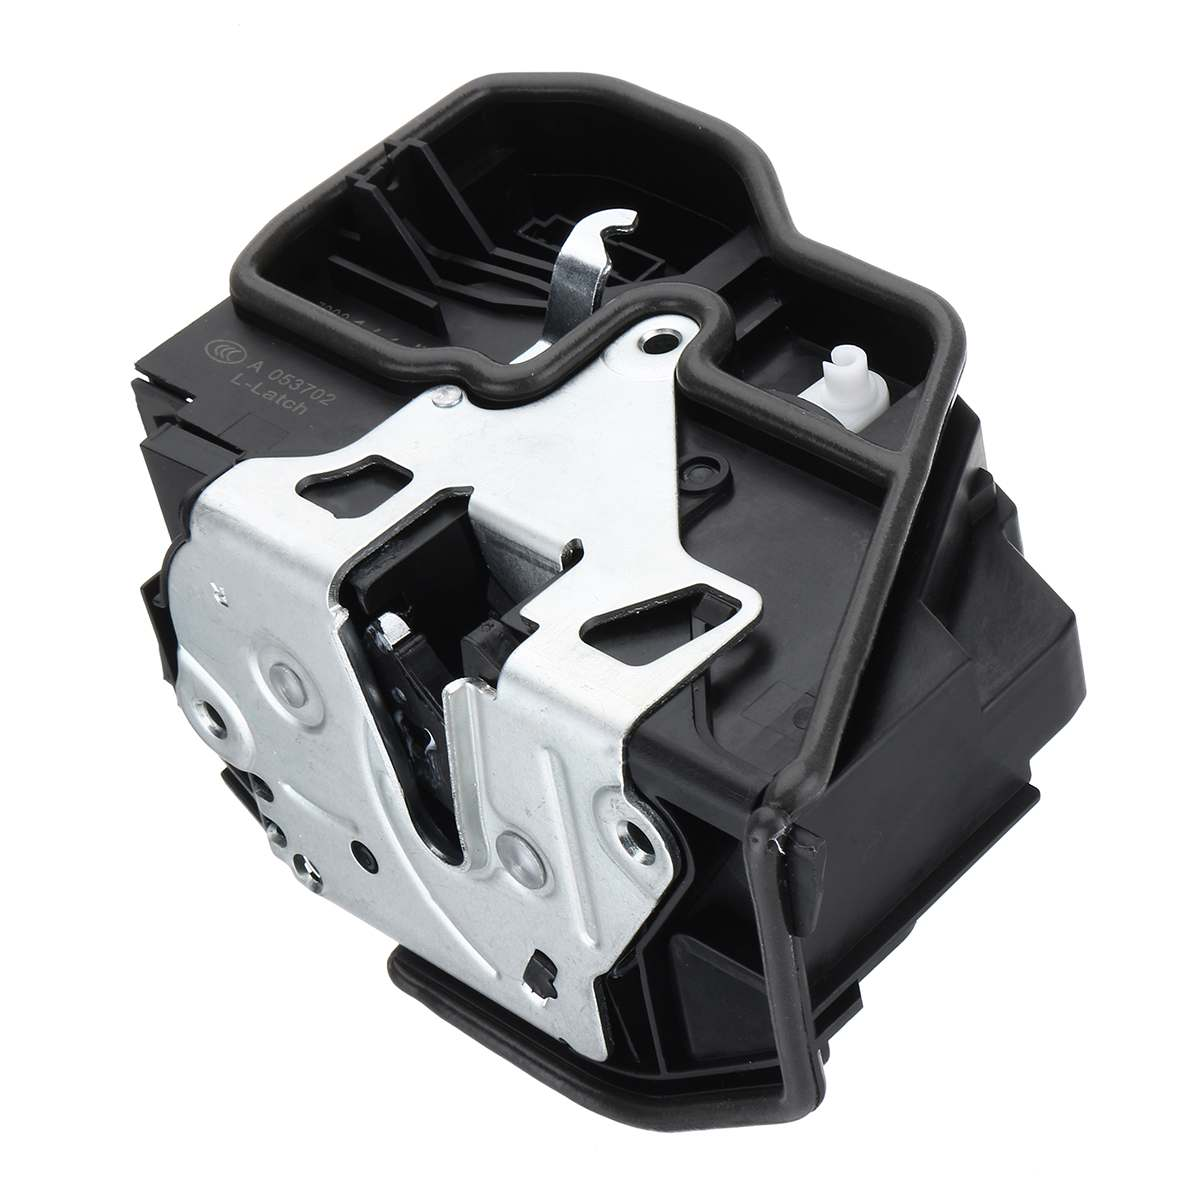 Avant arrière gauche droite électrique serrure de porte loquet actionneur pour BMW X6 E60 E70 E90 51217202143 51217202146 51227202147 51227202148 - 3